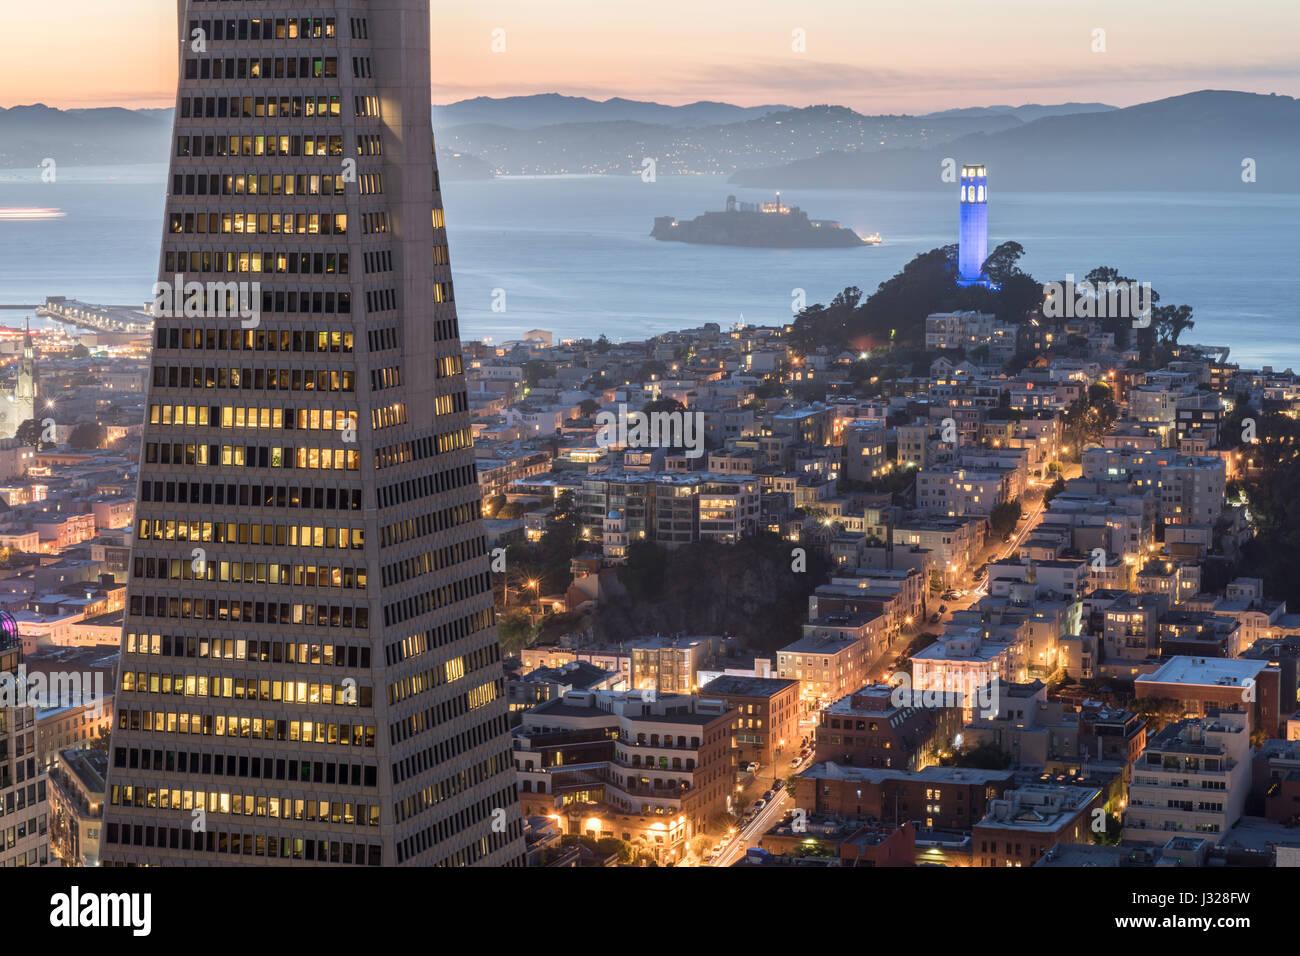 Crépuscule sur Telegraph Hill, l'île d'Alcatraz et la baie de San Francisco du quartier financier. Photo Stock